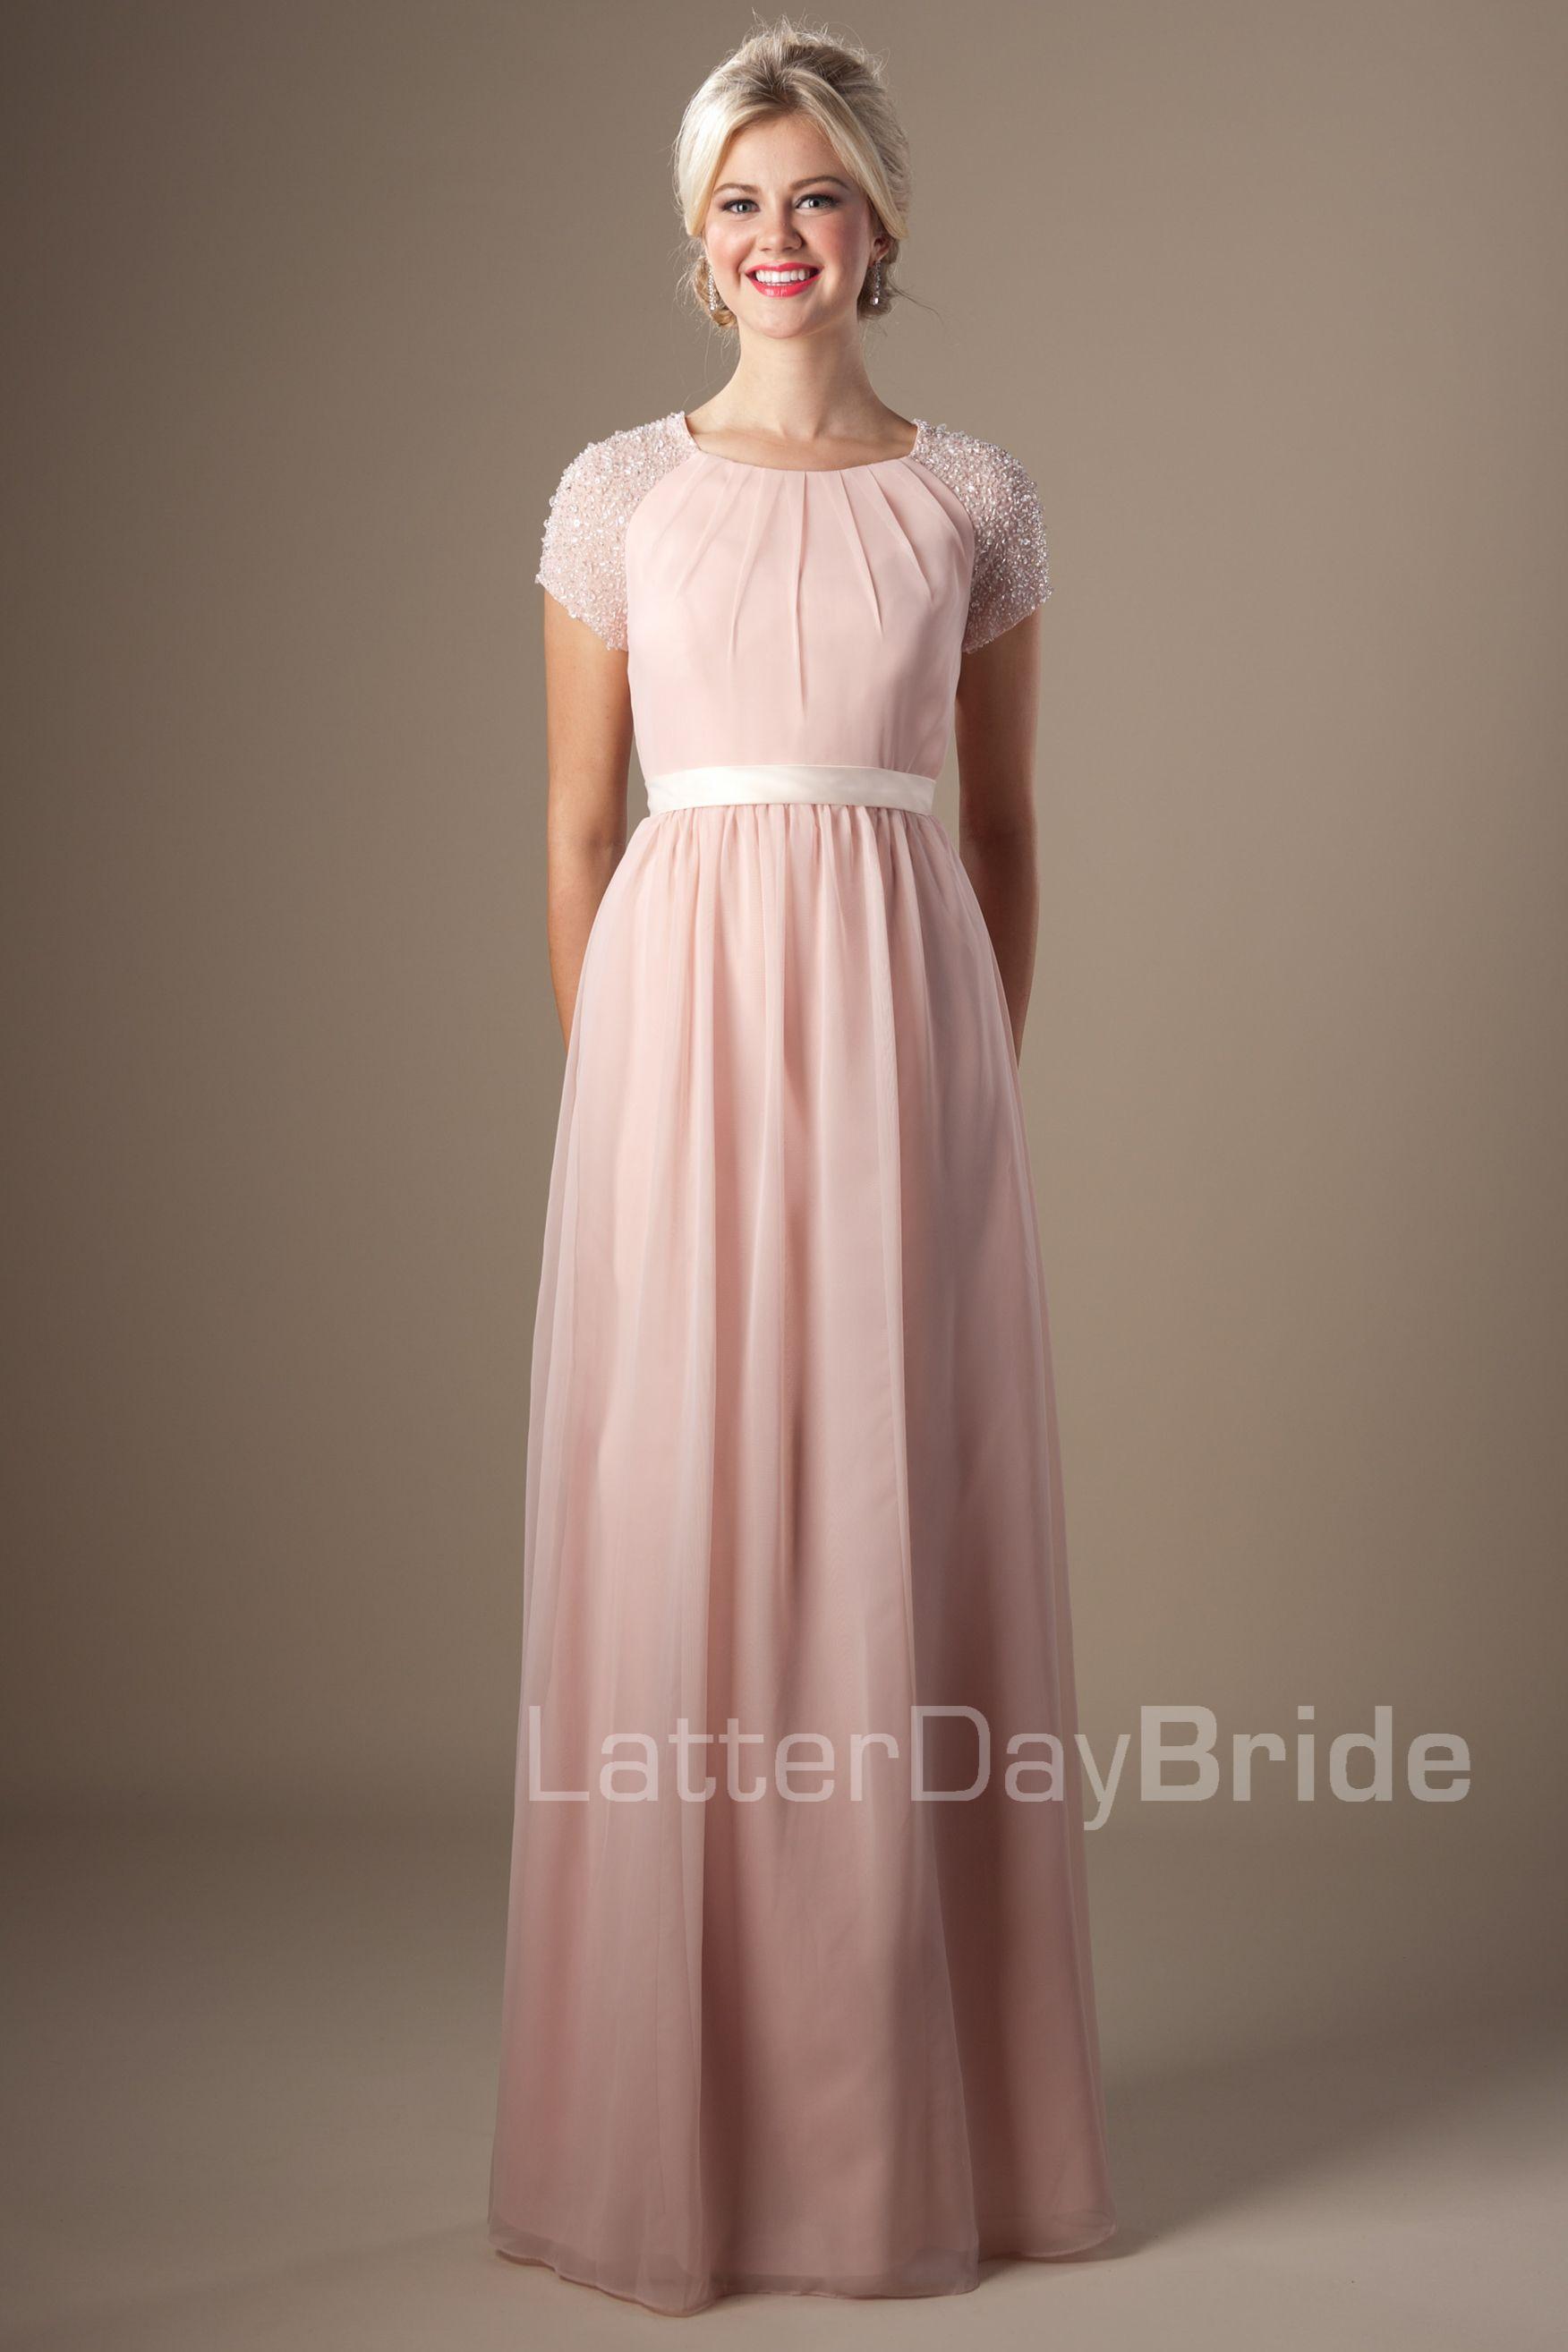 Modest Prom Dresses : Aspen | School Dance Dresses | Pinterest ...